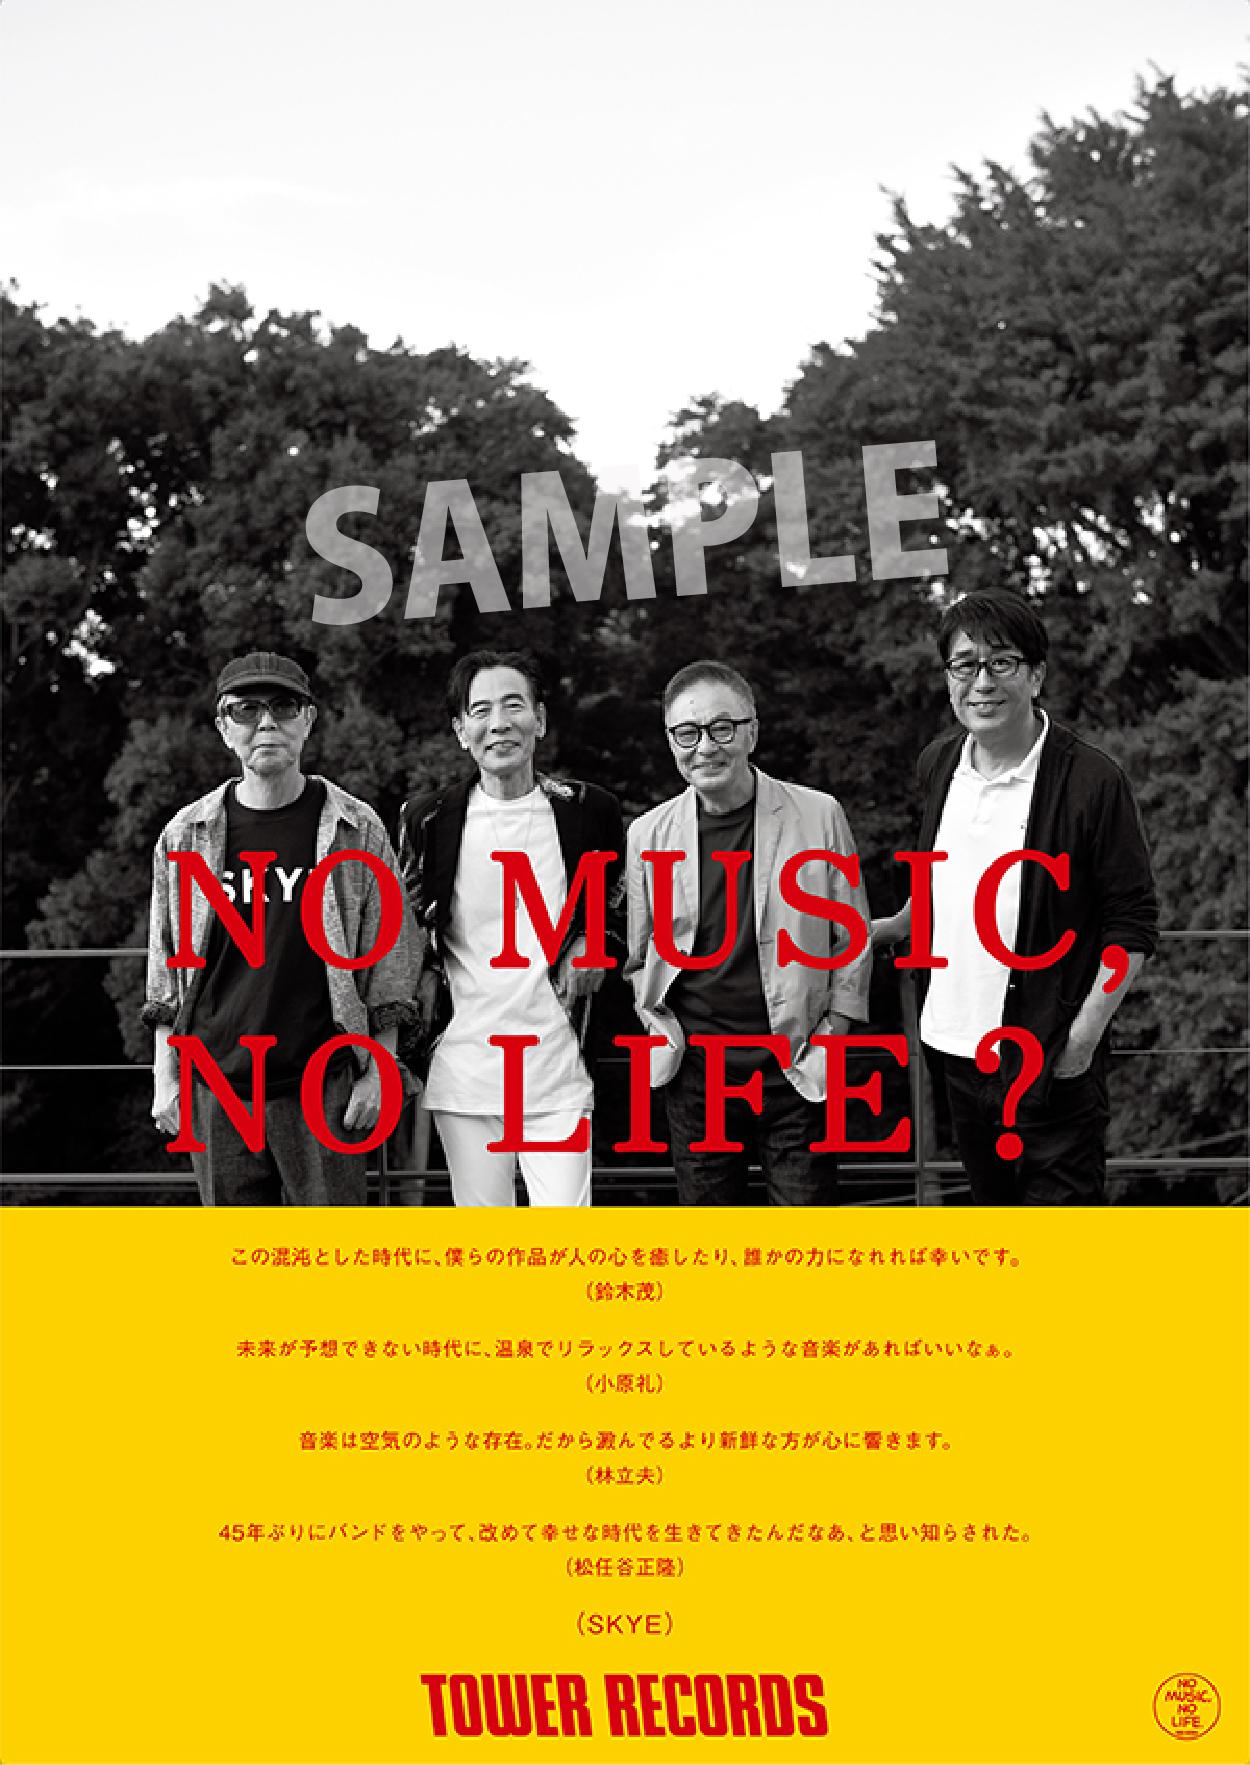 「NO MUSIC, NO LIFE.」ポスターにレジェンド4人によるスペシャルバンド「SKYE」が登場